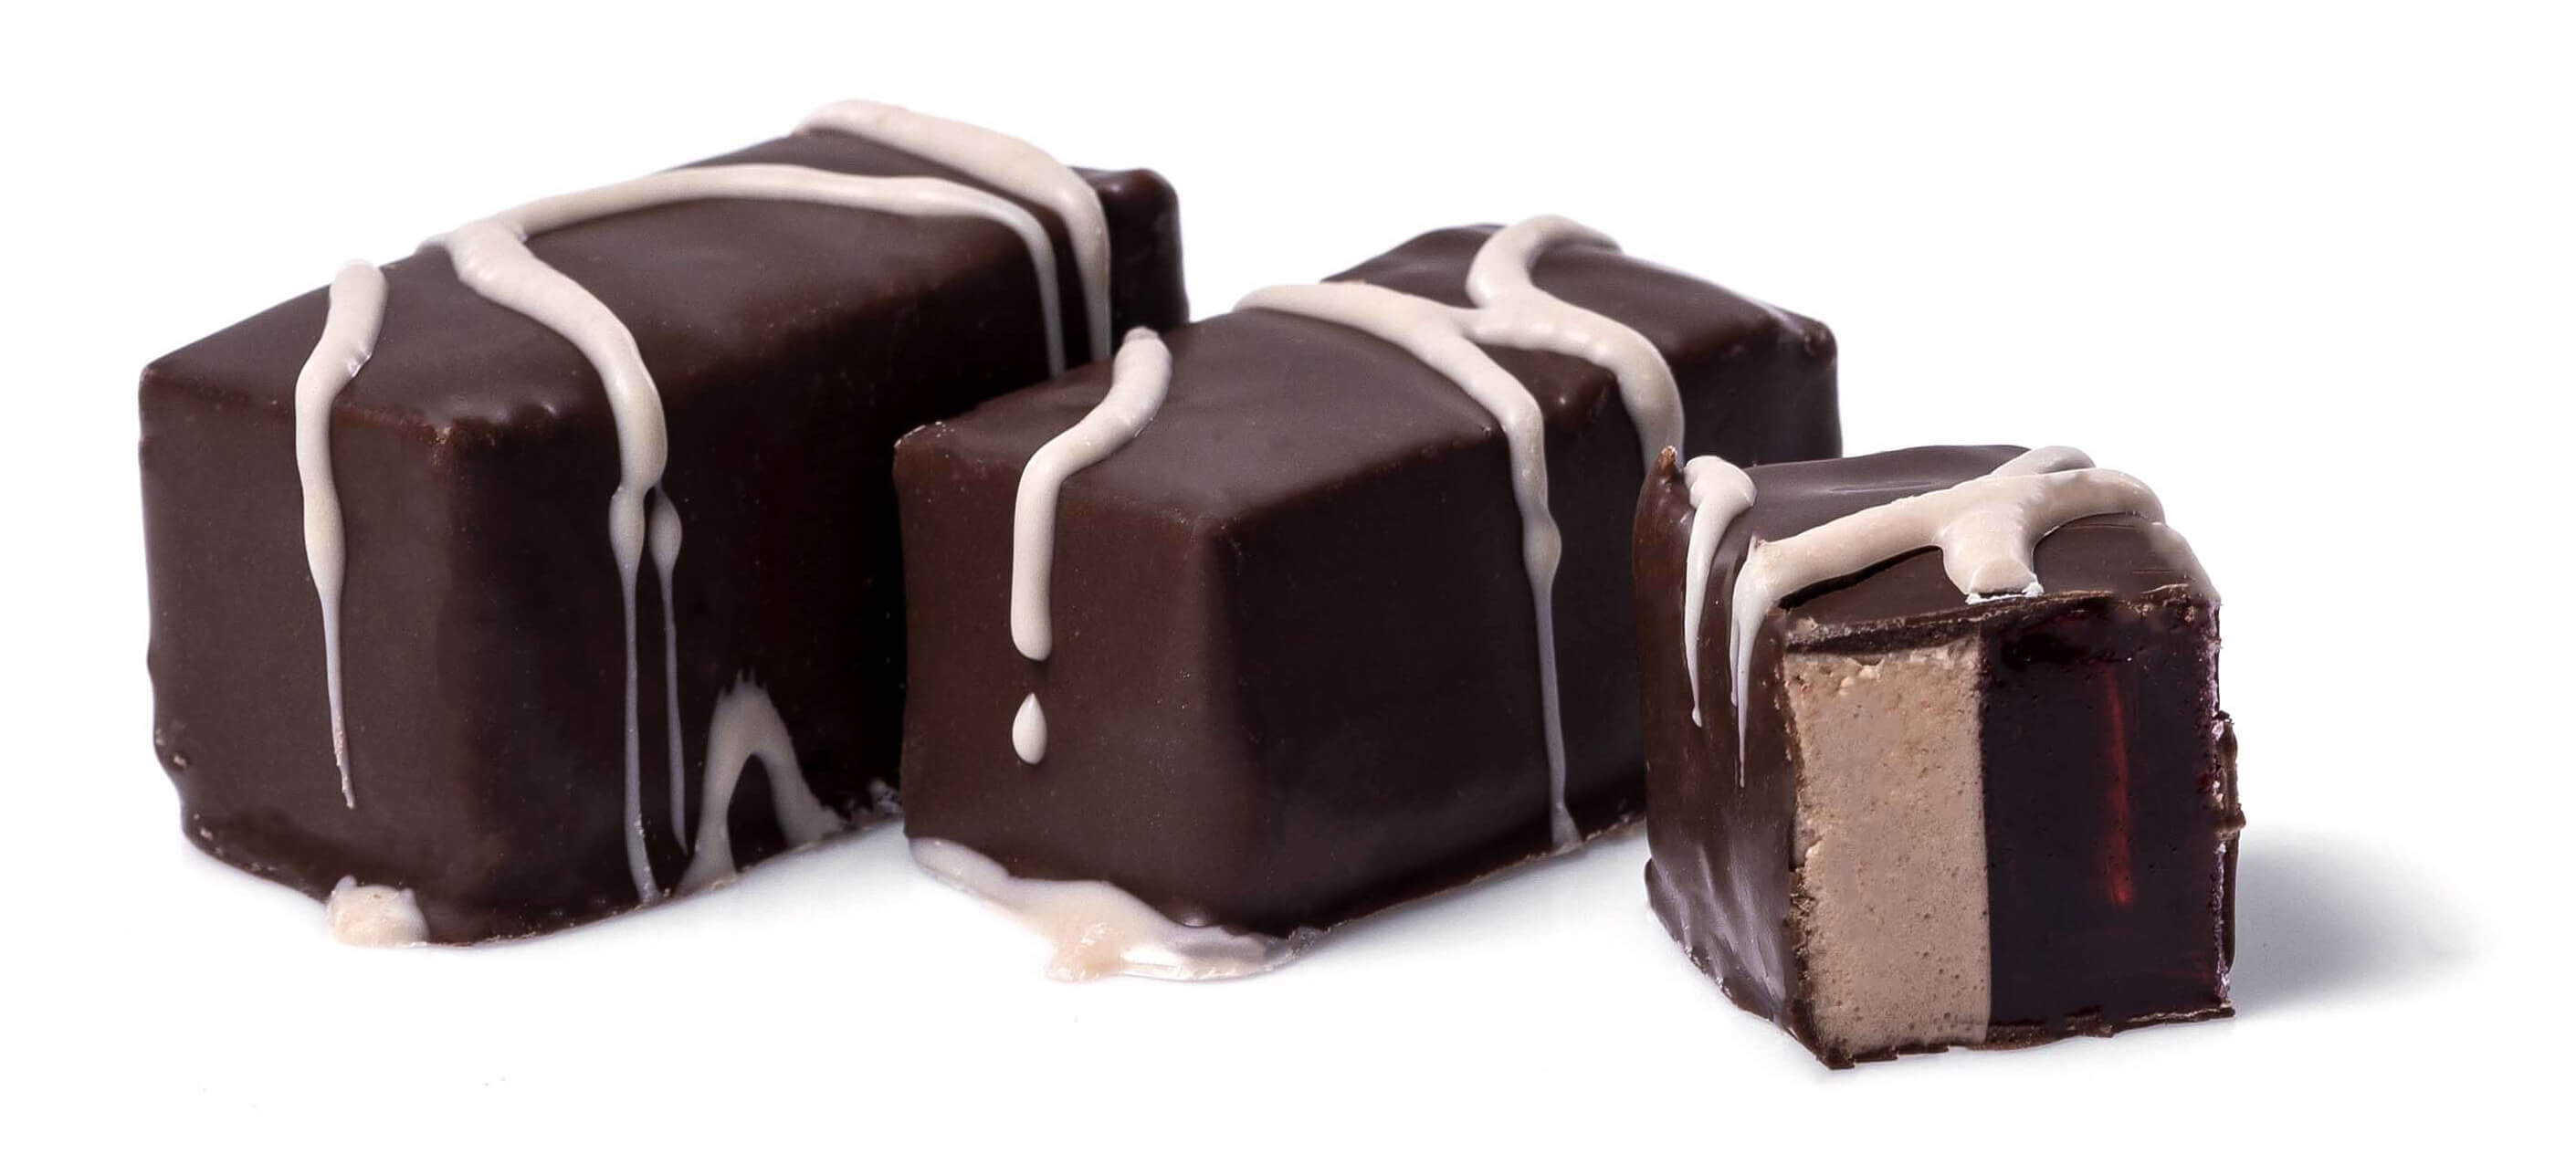 Цукерки «Десерт» Шоколадне суфле з вишневим мармеладом» фото 2